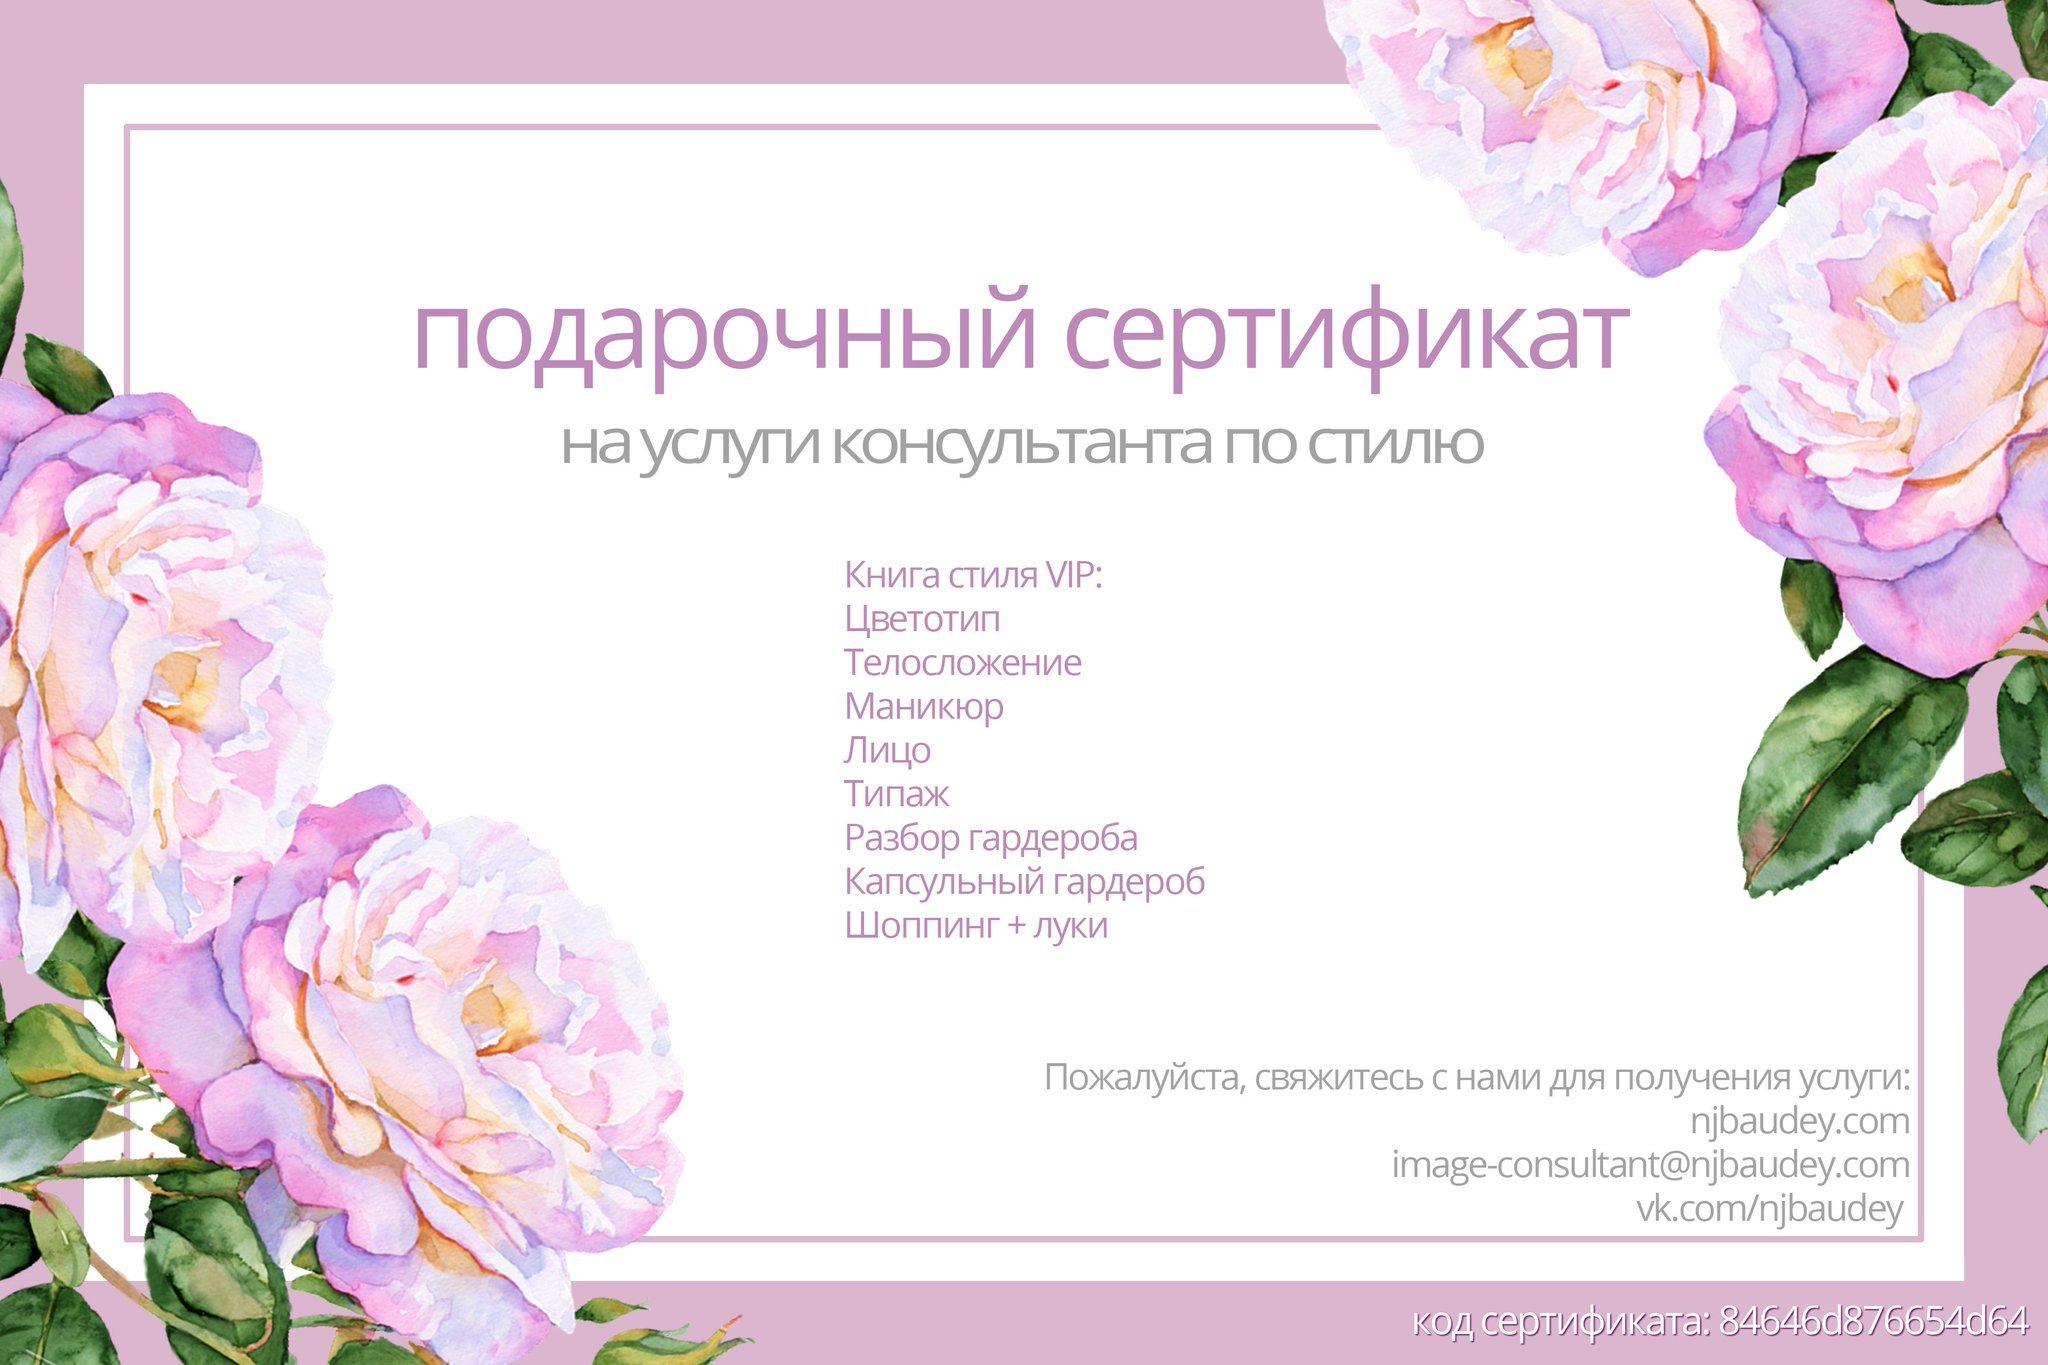 макет подарочного сертификата картинки